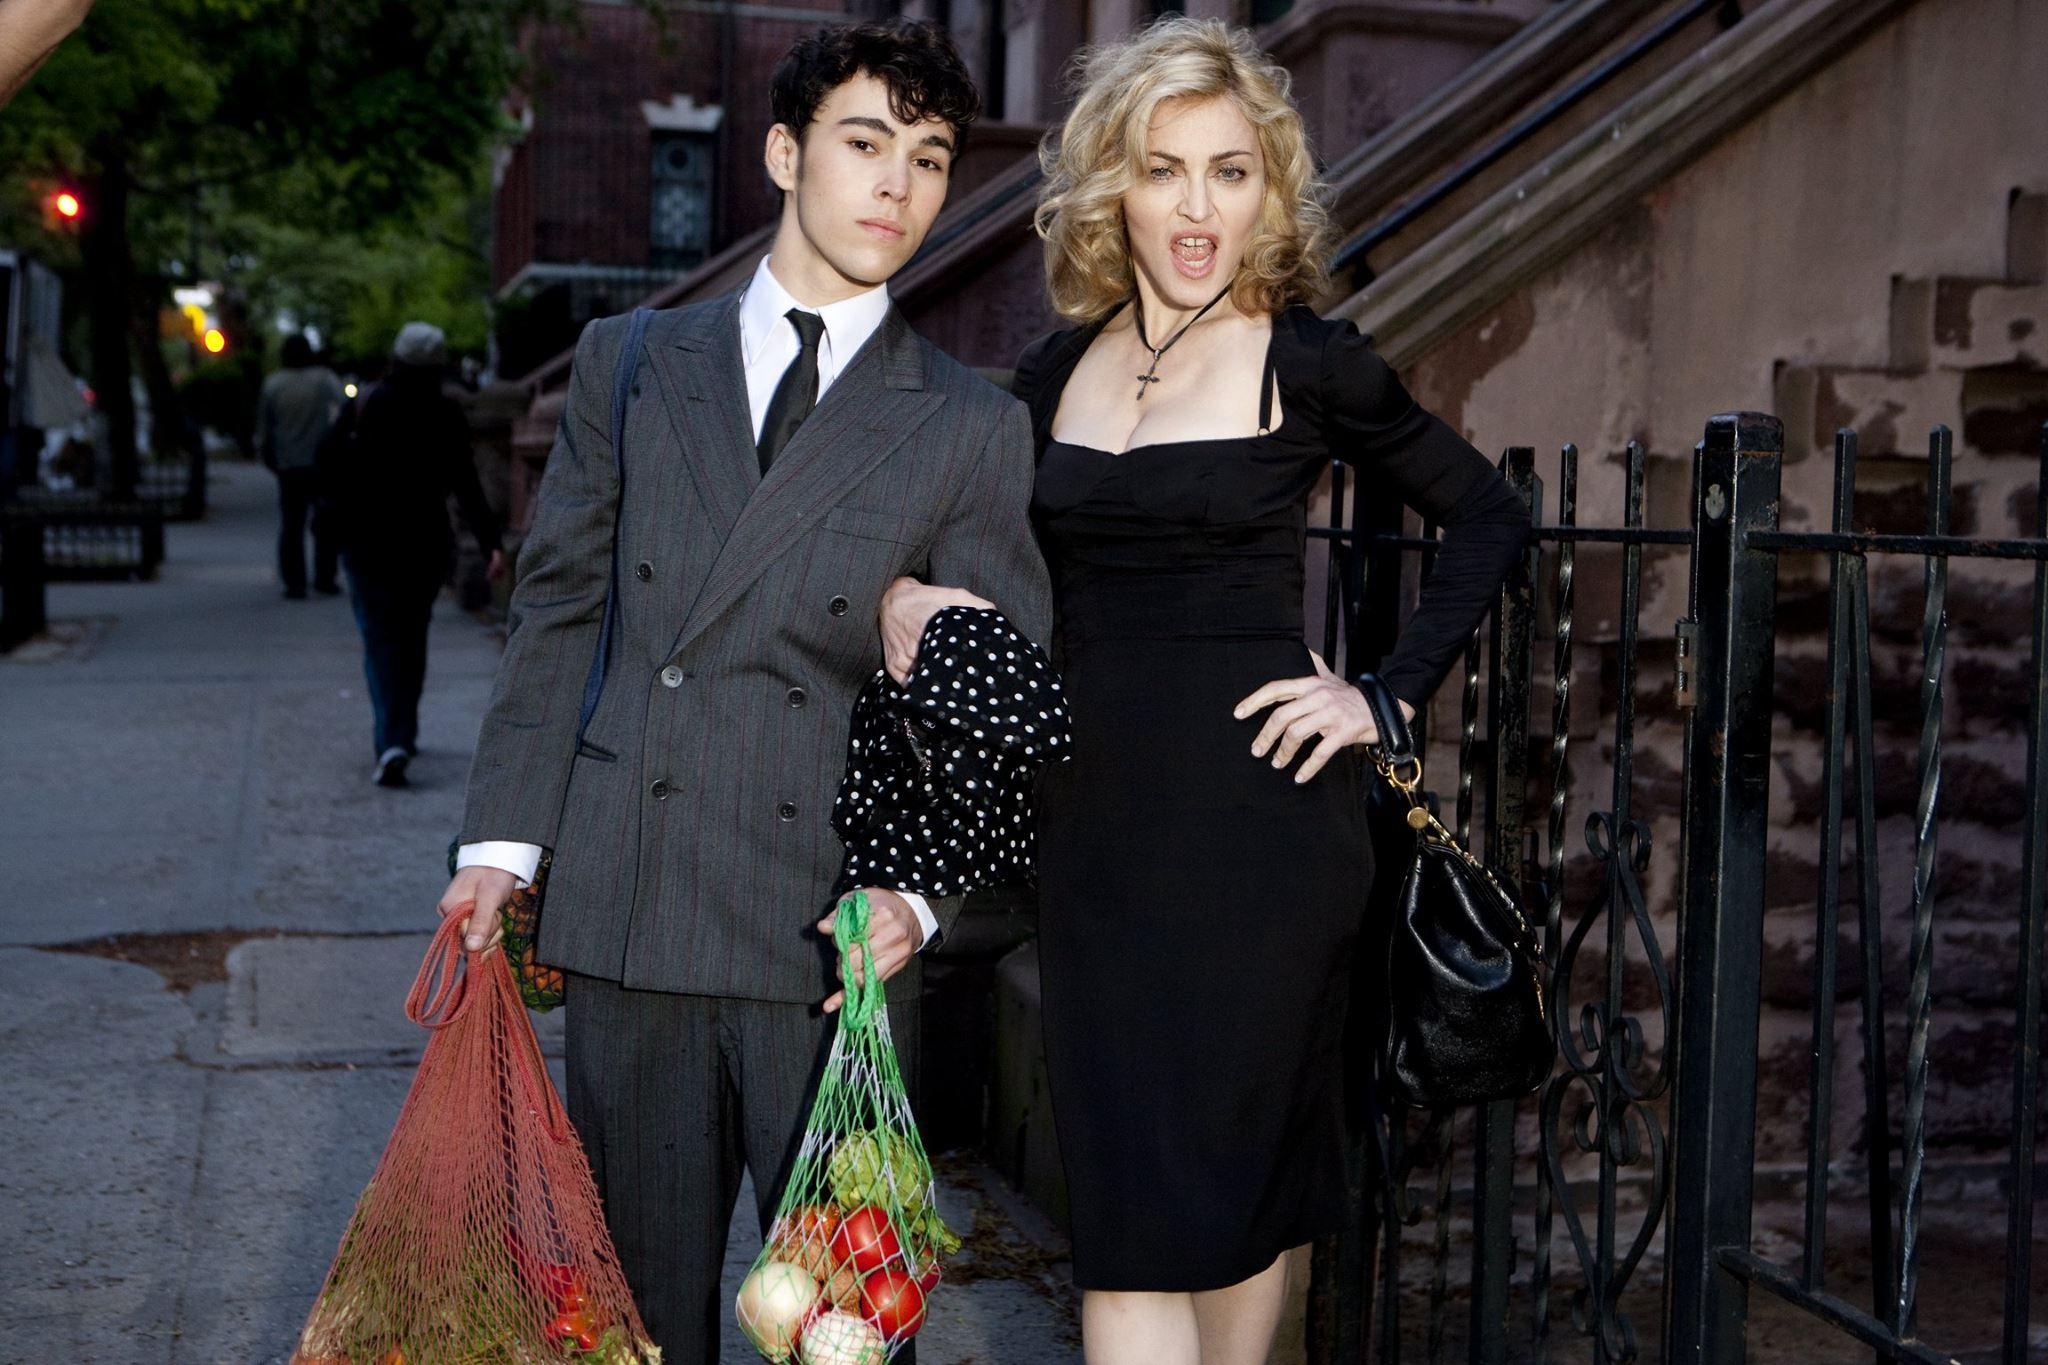 Madonna For Dolce Gabbana Madonna For Dolce Gabbana new pics